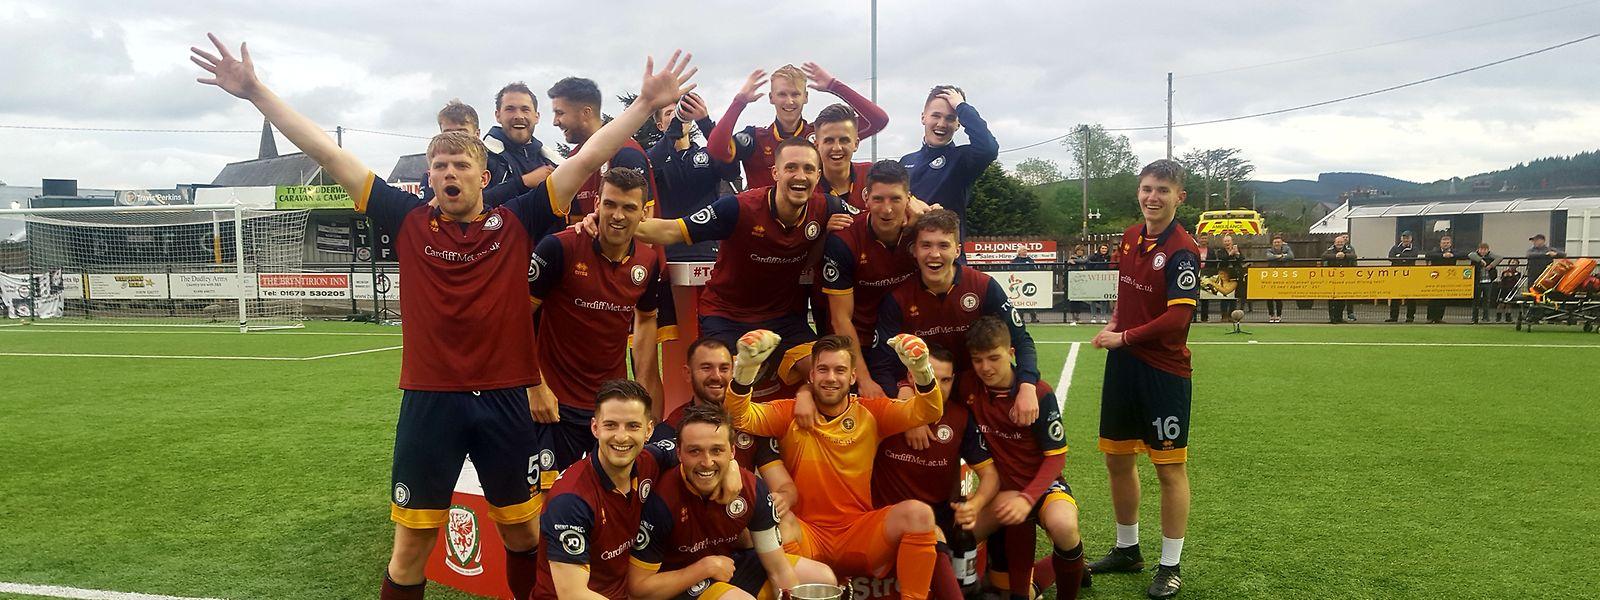 Mit dem Sieg im Elfmeterschießen gegen Bala Town feiert das Team der Cardiff Metropolitan University seinen größten Erfolg.